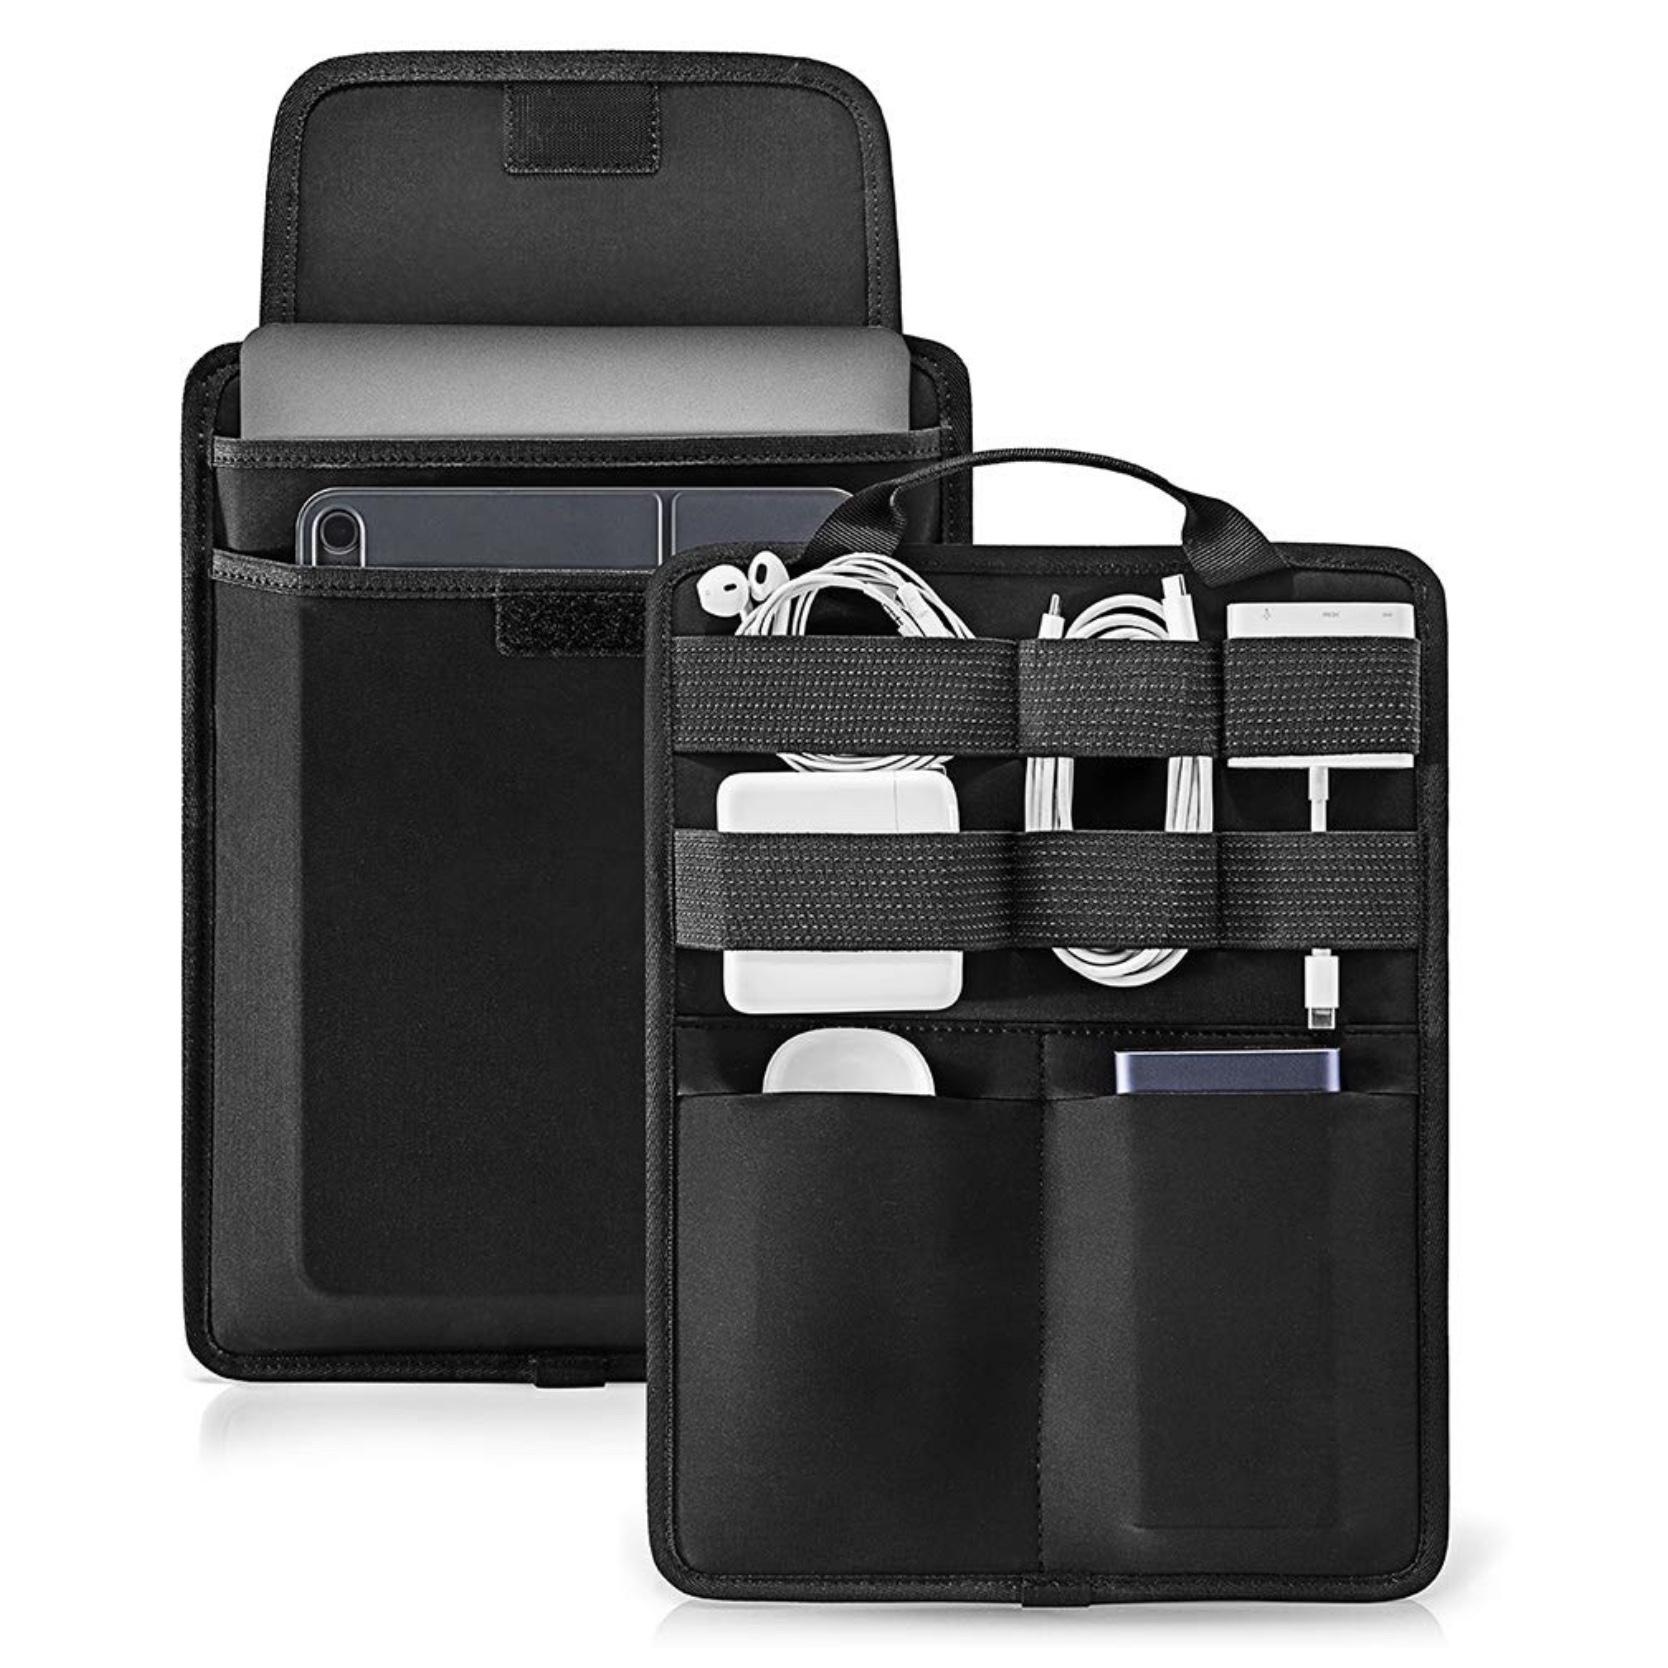 Sacoche Universelle 10.5 a 13.5 pouces Rangement Cables Batteries et Accessoires Marbella Noir